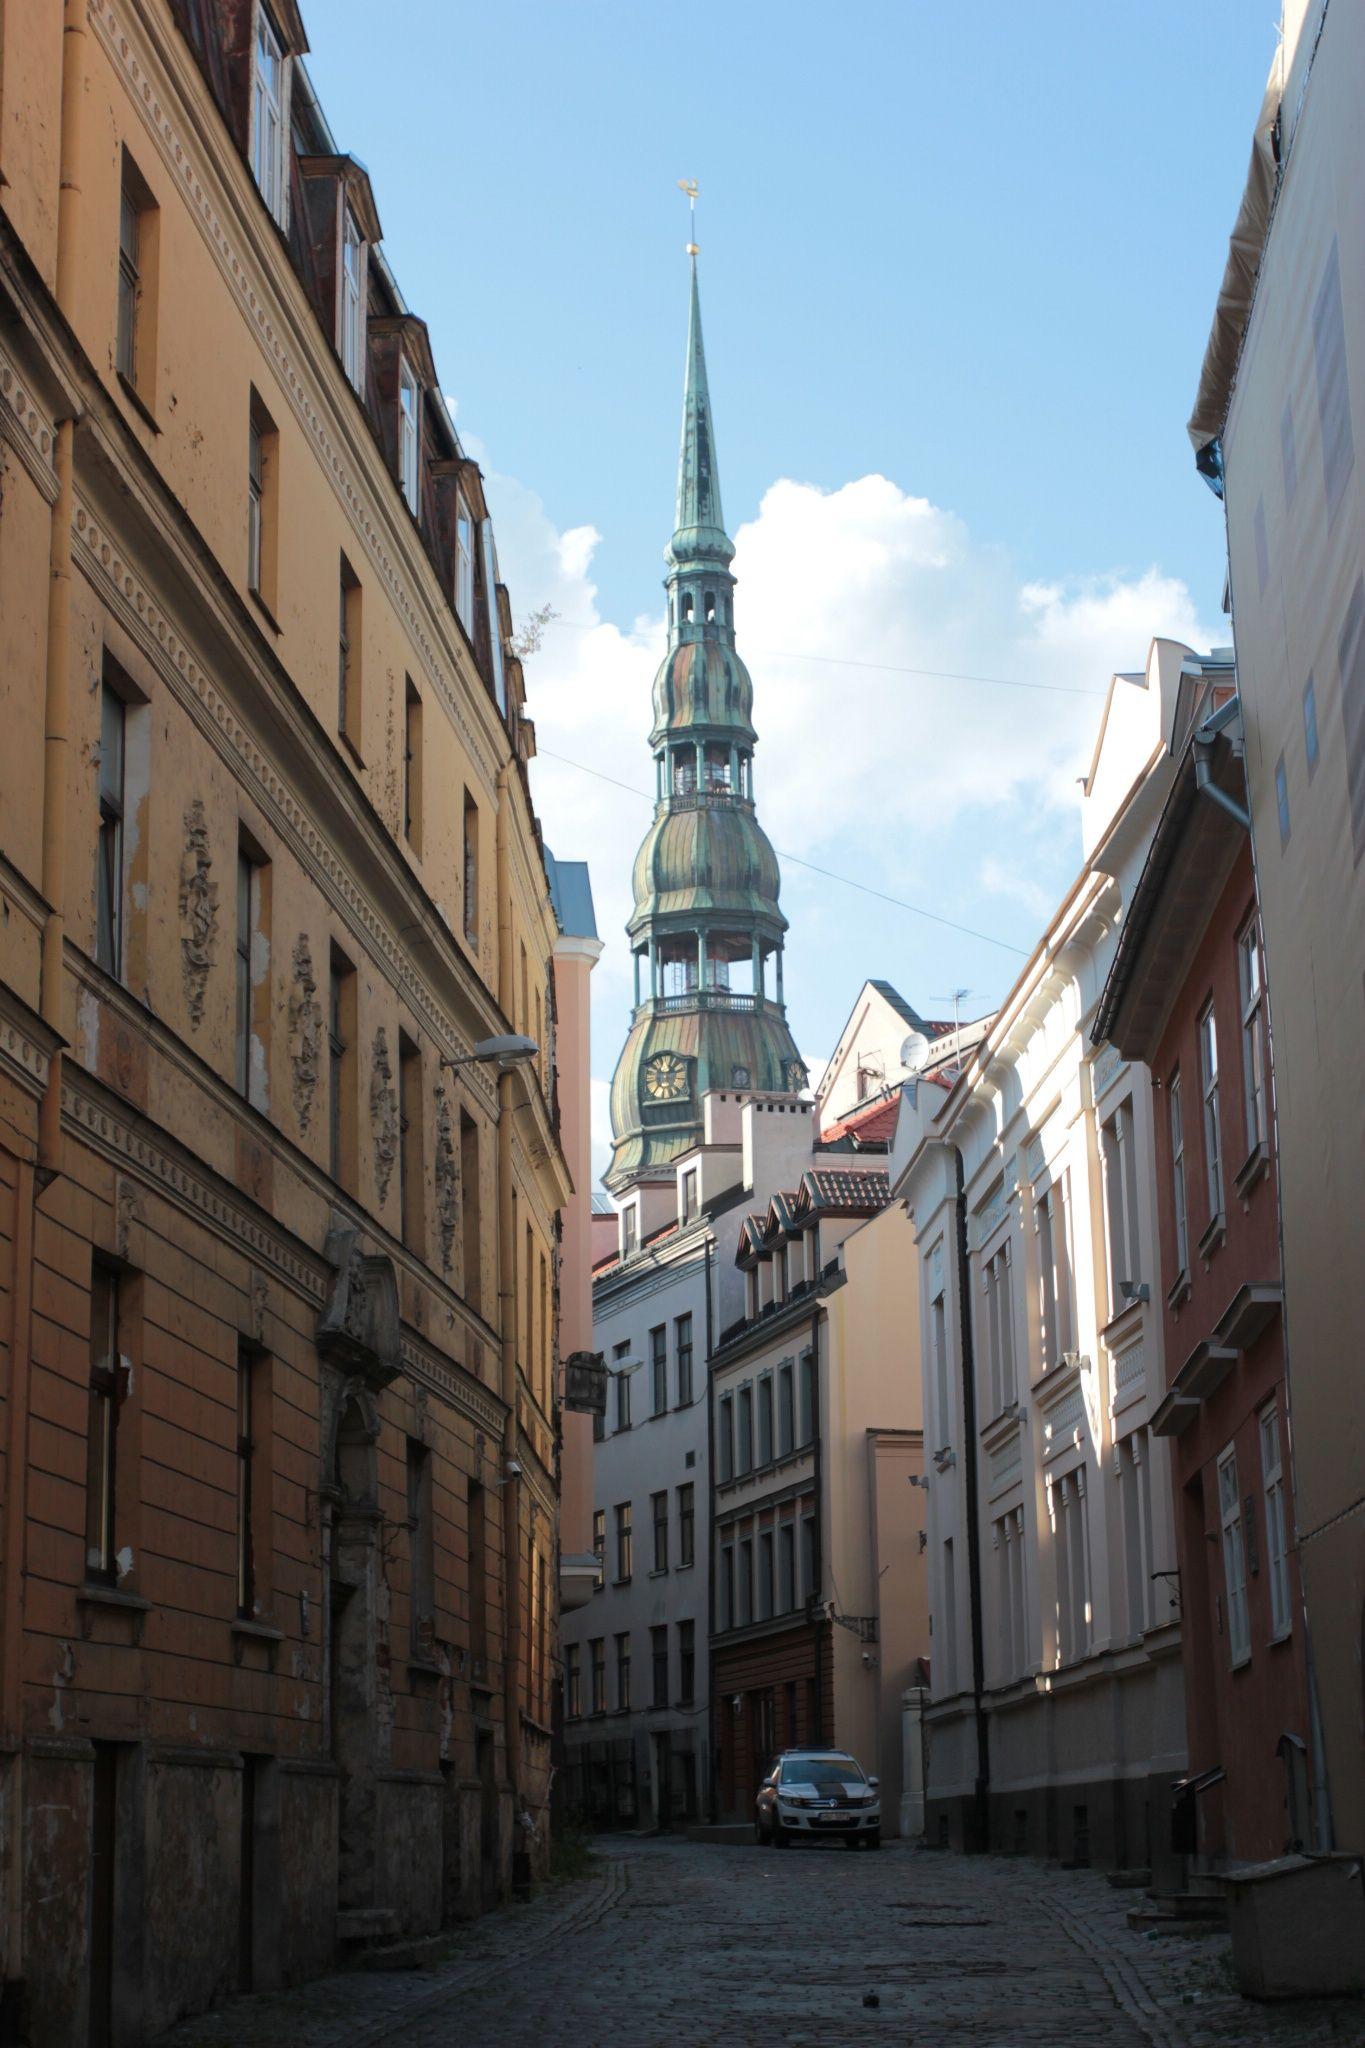 Old Riga by Дмитрий Григорьев on 500px